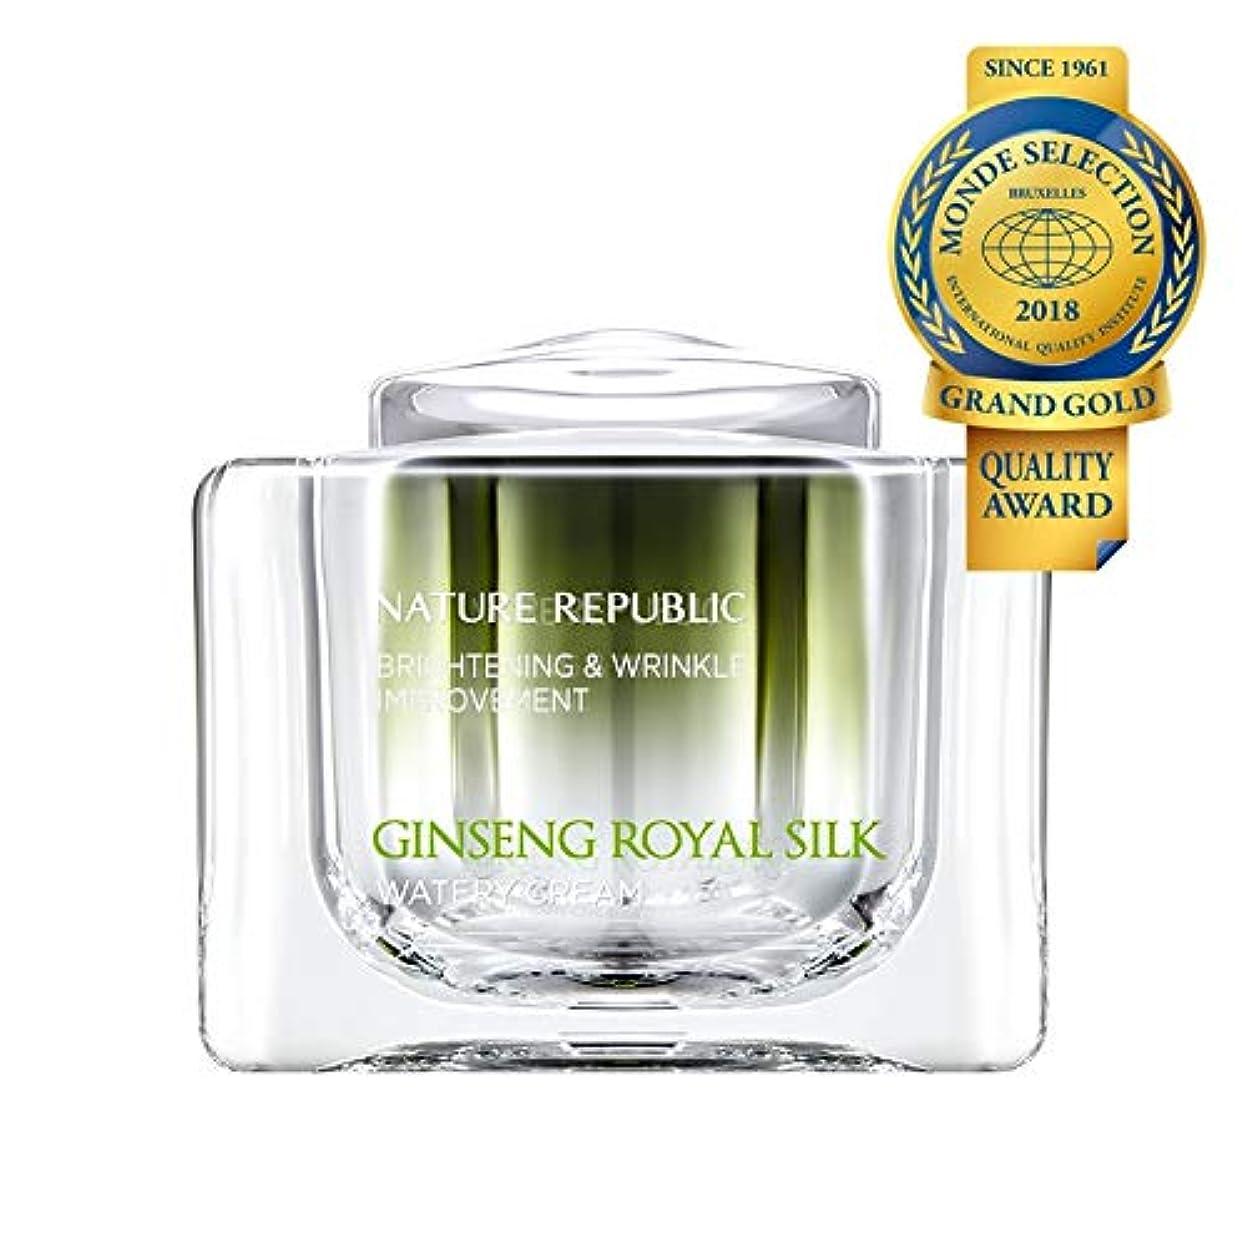 情報アドバイス習熟度ネイチャーリパブリック(Nature Republic)ジンセンロイヤルシルクウォーターリークリーム 60g / Ginseng Royal Silk Watery Cream 60g :: 韓国コスメ [並行輸入品]